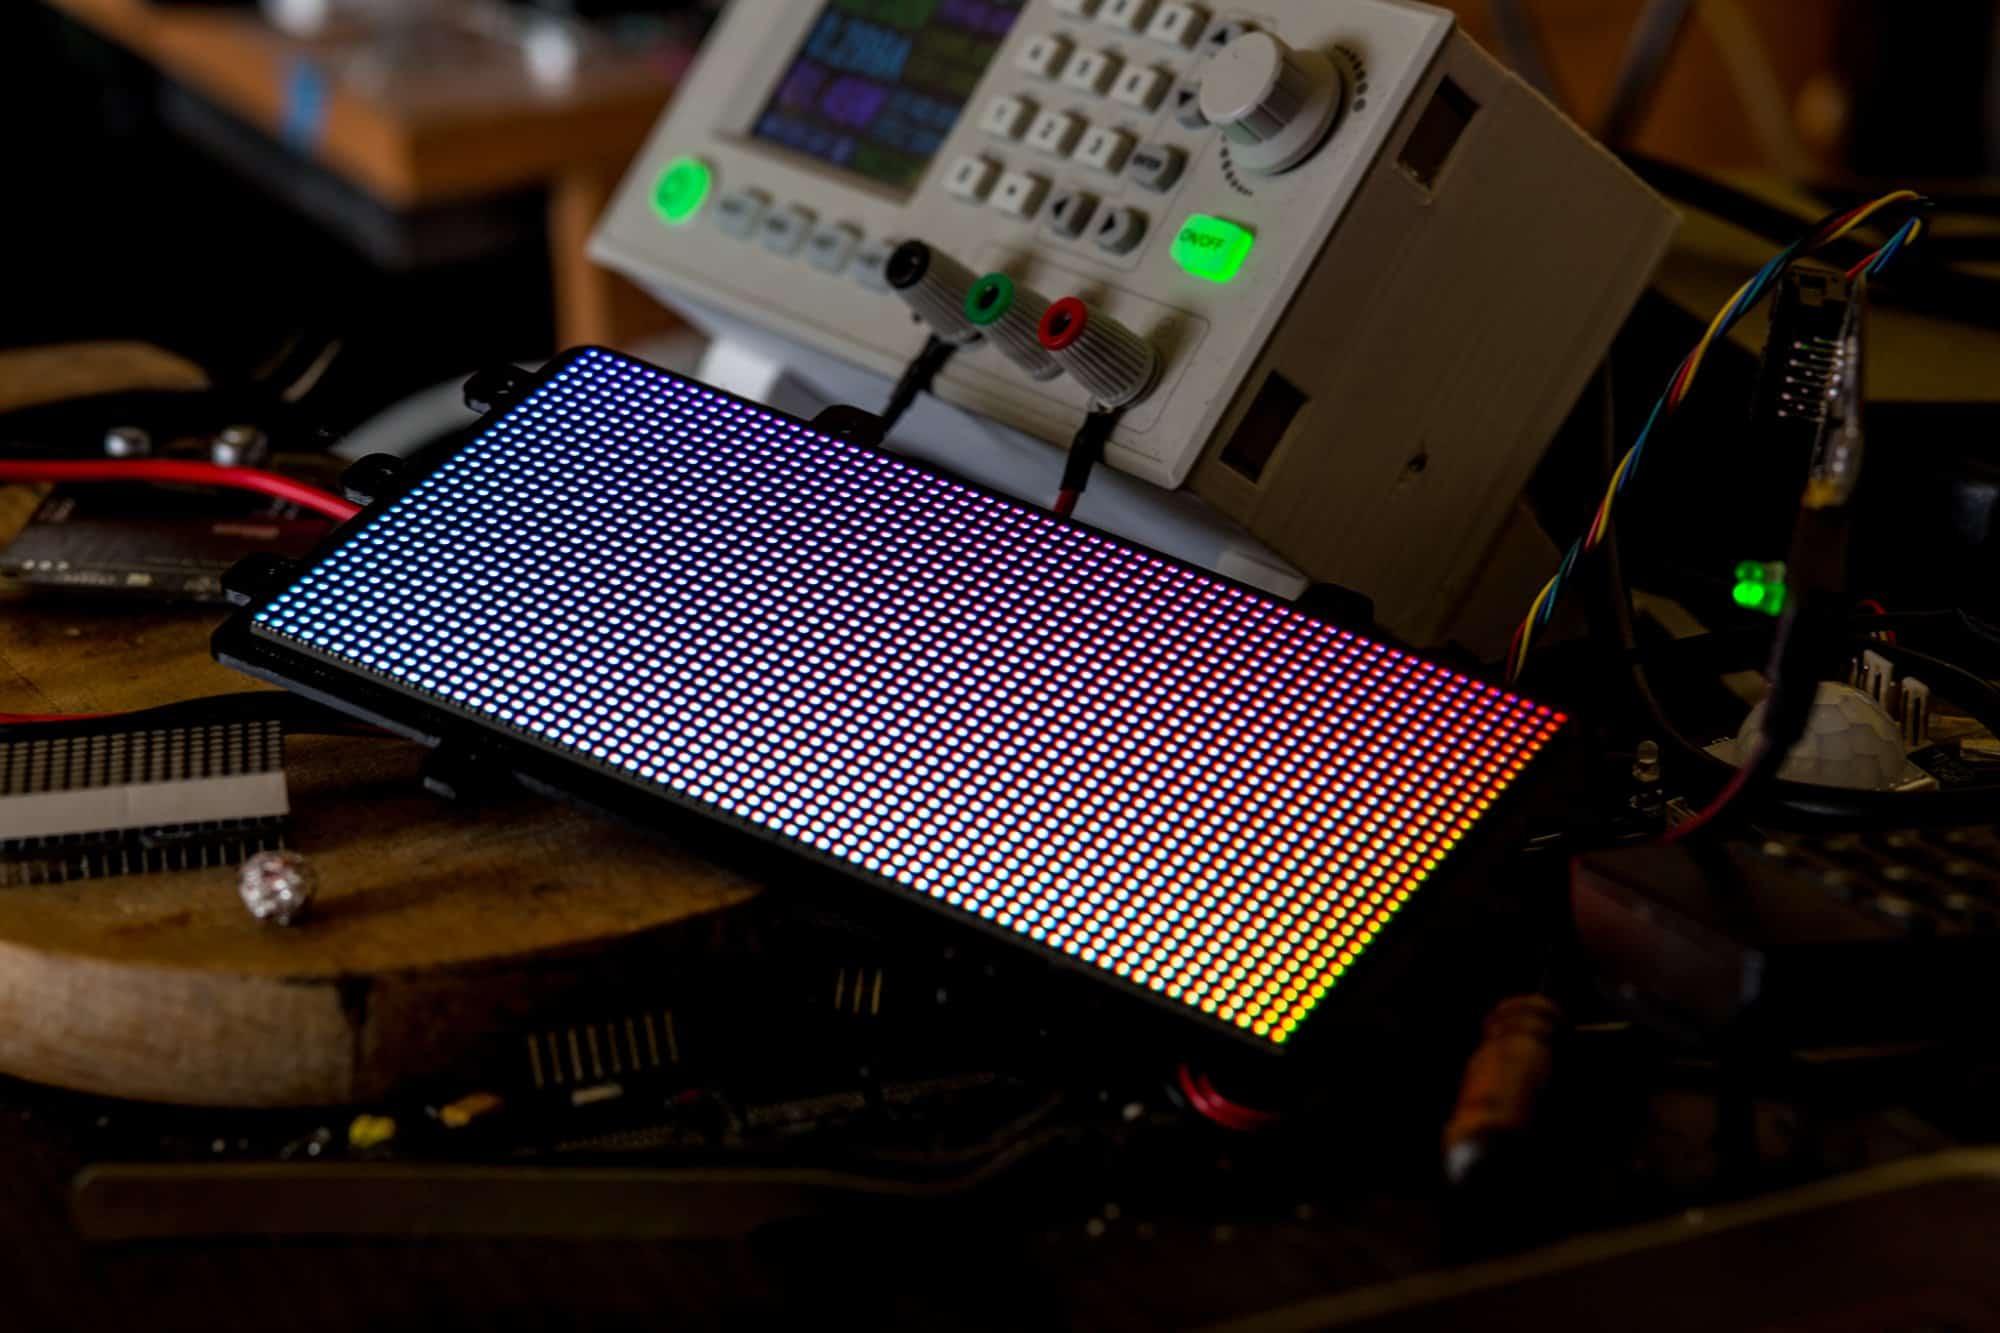 Sterownik matryc LEDowych z interfejsem hub75 na STM32F730